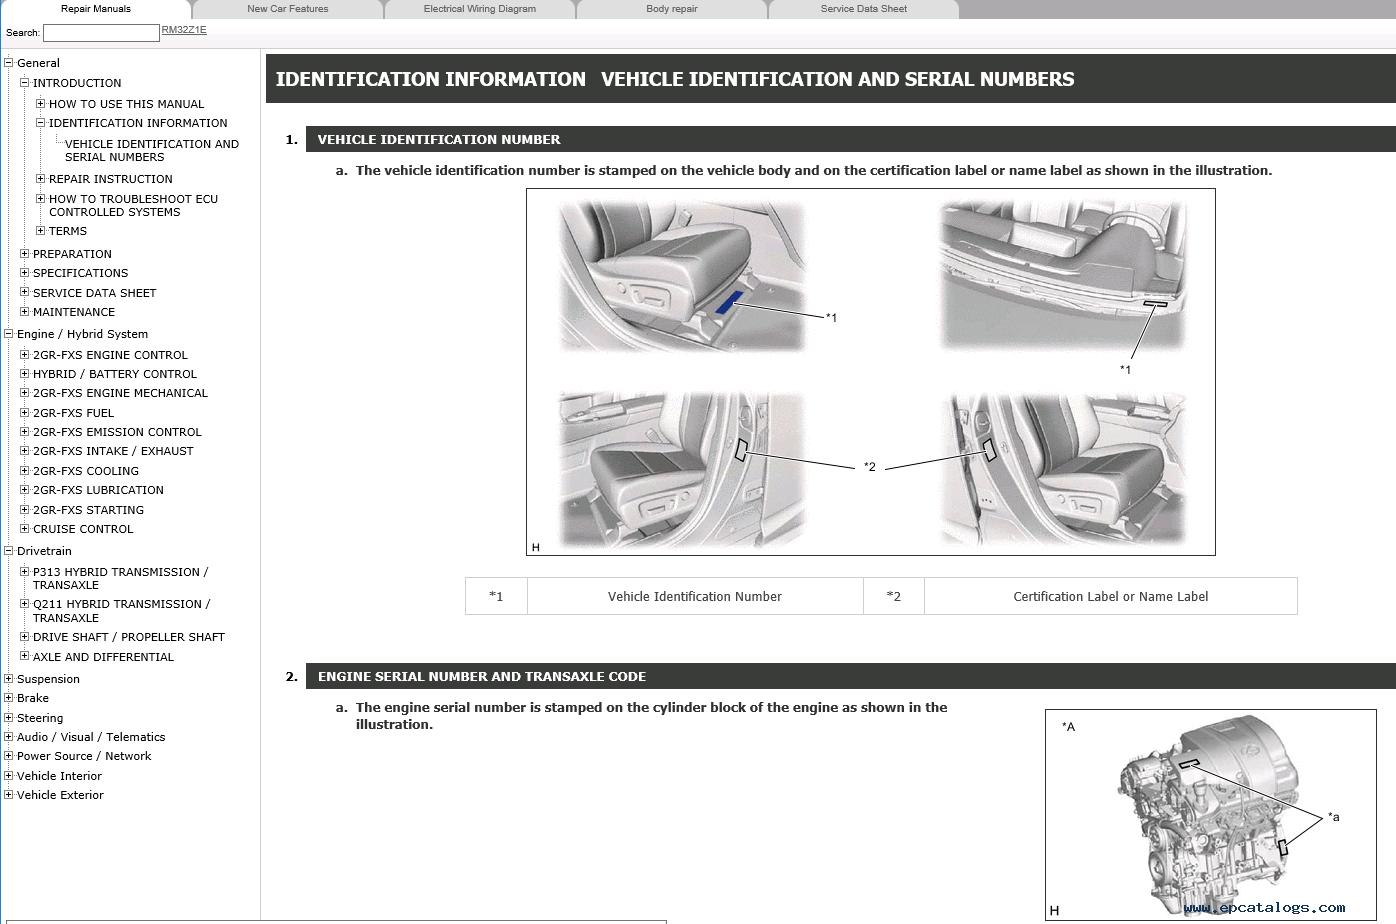 repair manual Lexus RX450h, GYL25 series Repair Manual 2015 - 1